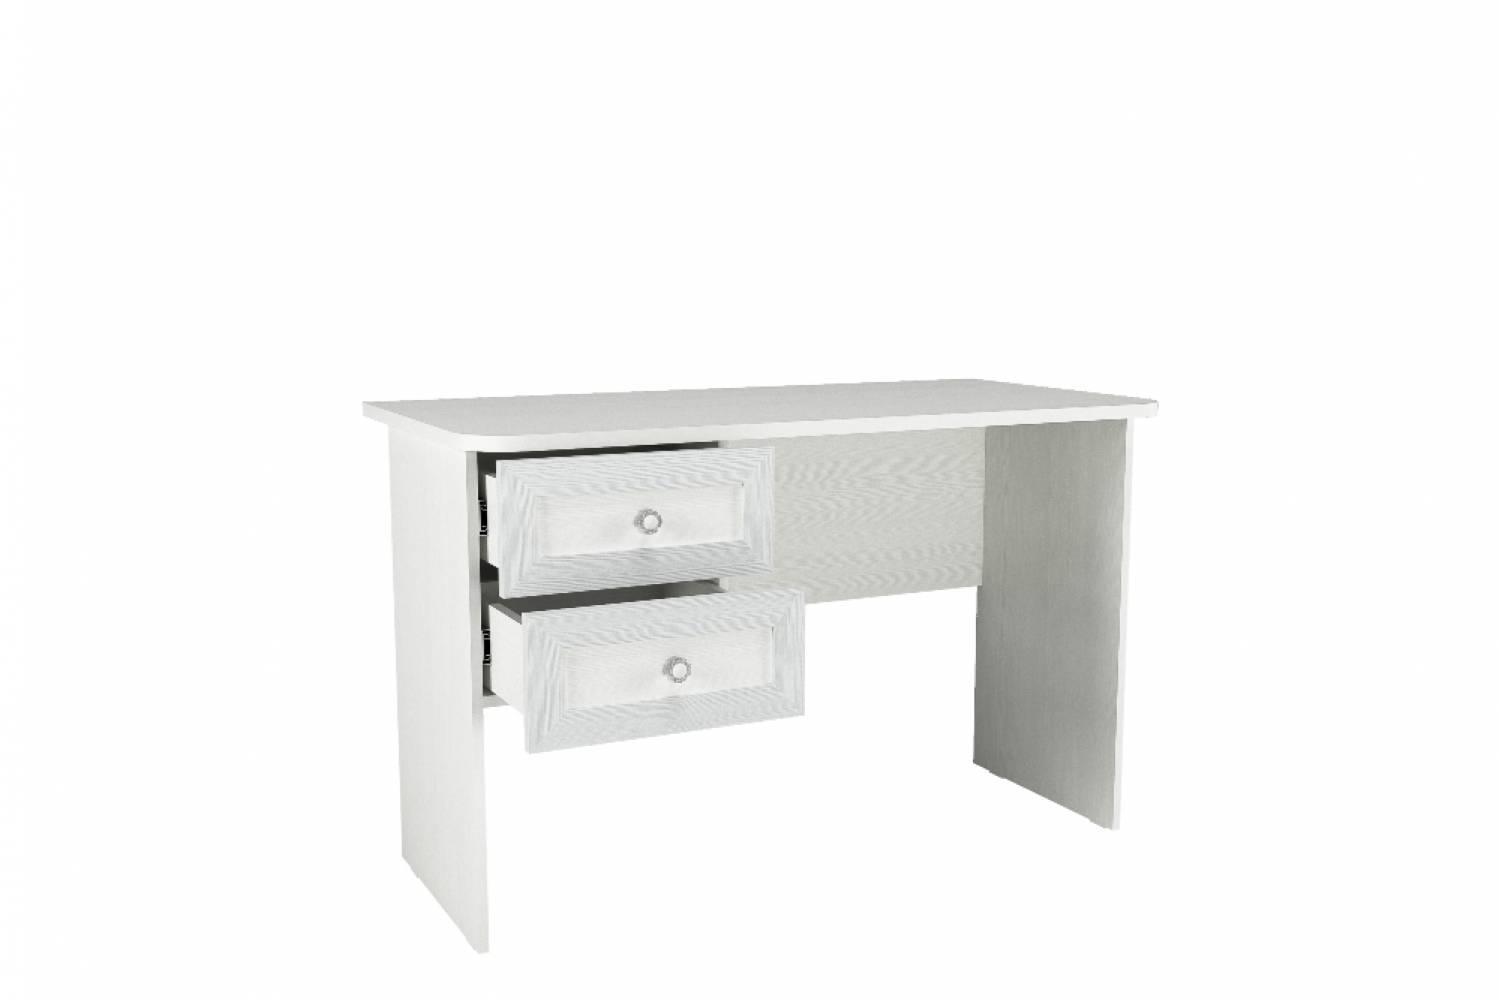 Стол для компьютера НМ 009.19-02 М1 ПРОВАНС